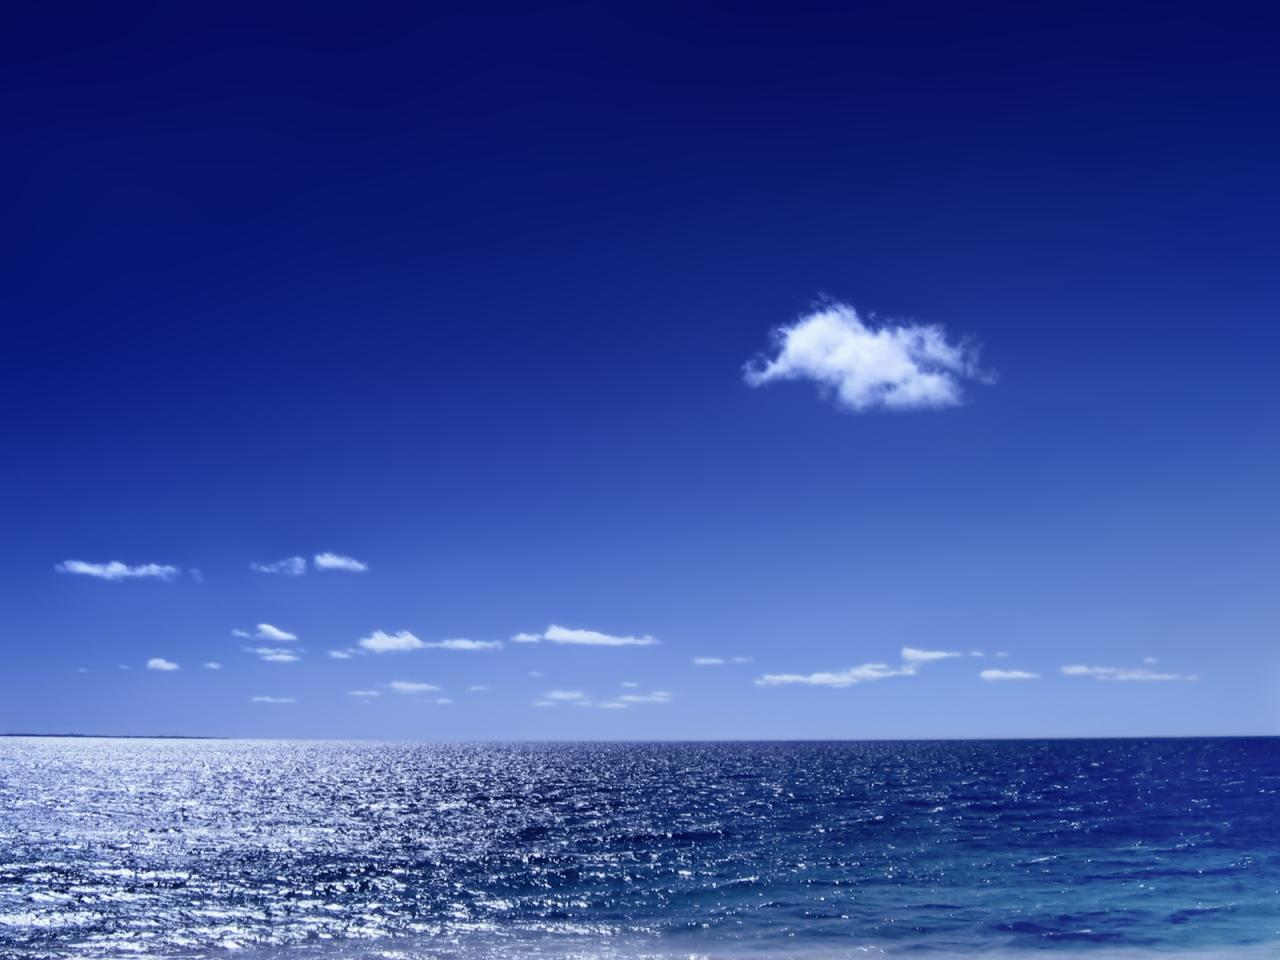 Ciencia como nunca por qu el cielo es azul for La camera del cielo